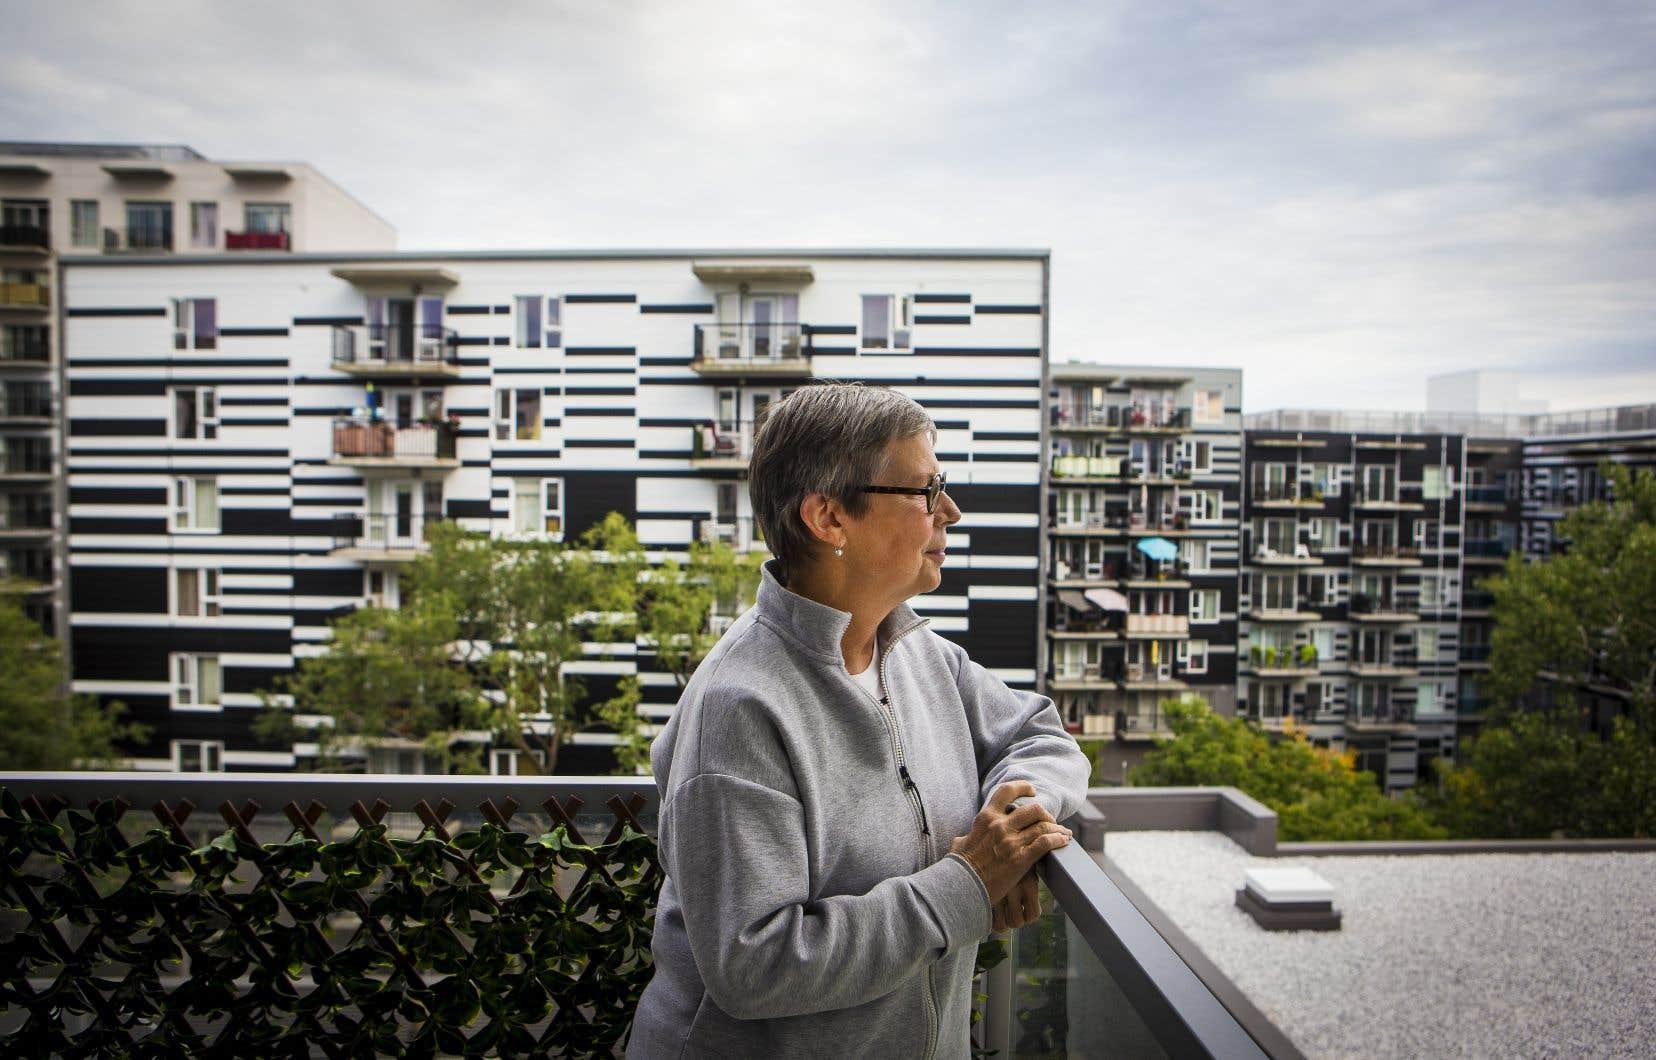 La néo-Montréalaise Marie-Claude Roux a fait le choix de quitter la Rive-Sud, dans la région de Montréal, pour la métropole lors de la pandémie, attirée par la vie «trépidante» que lui offrait ce changement.